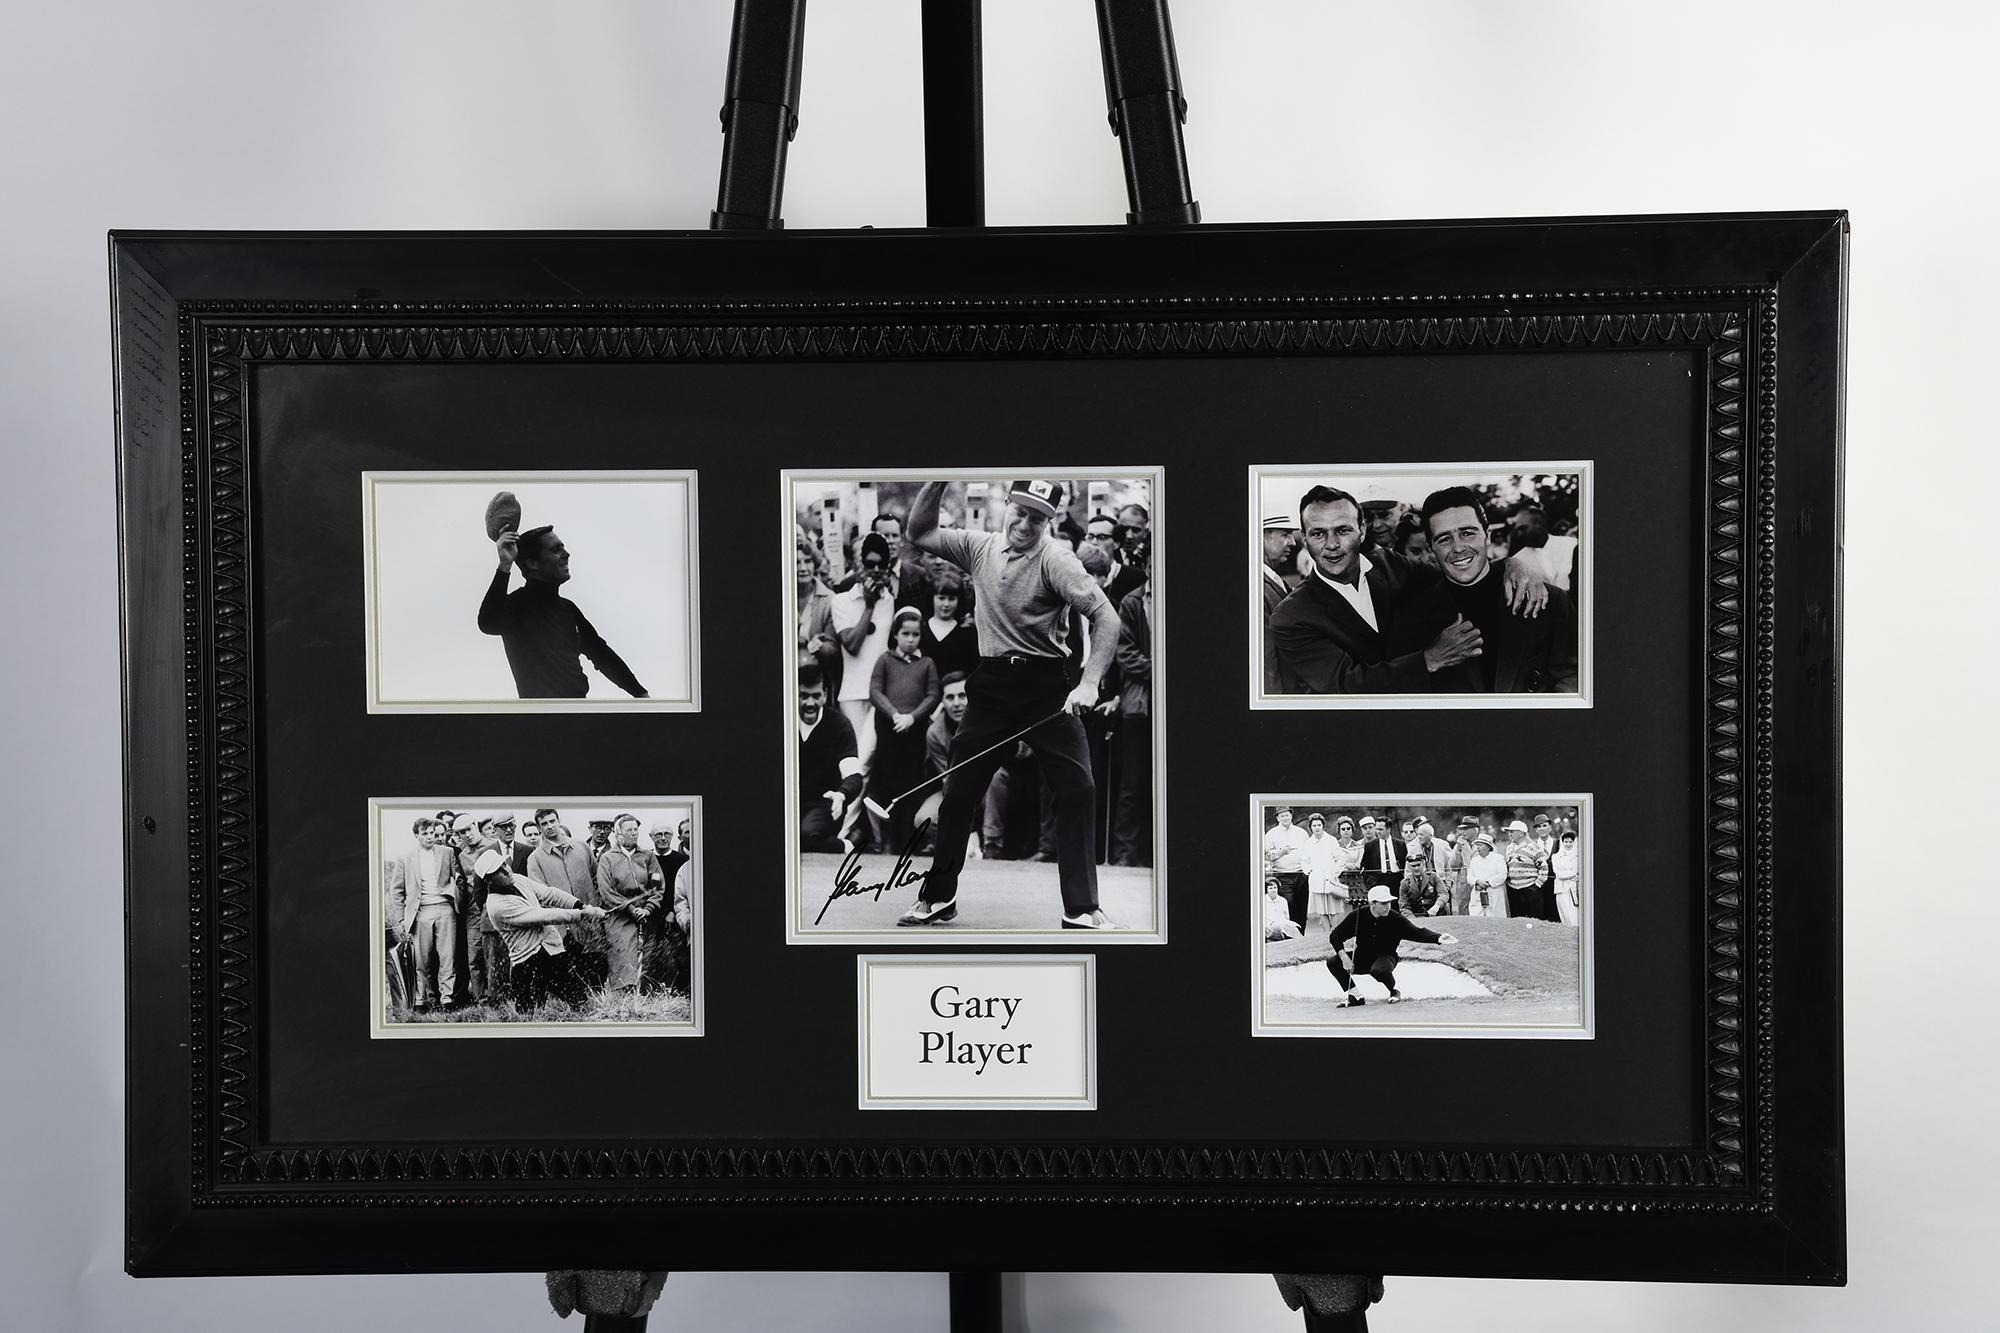 Gary Player Framed Memorabilia